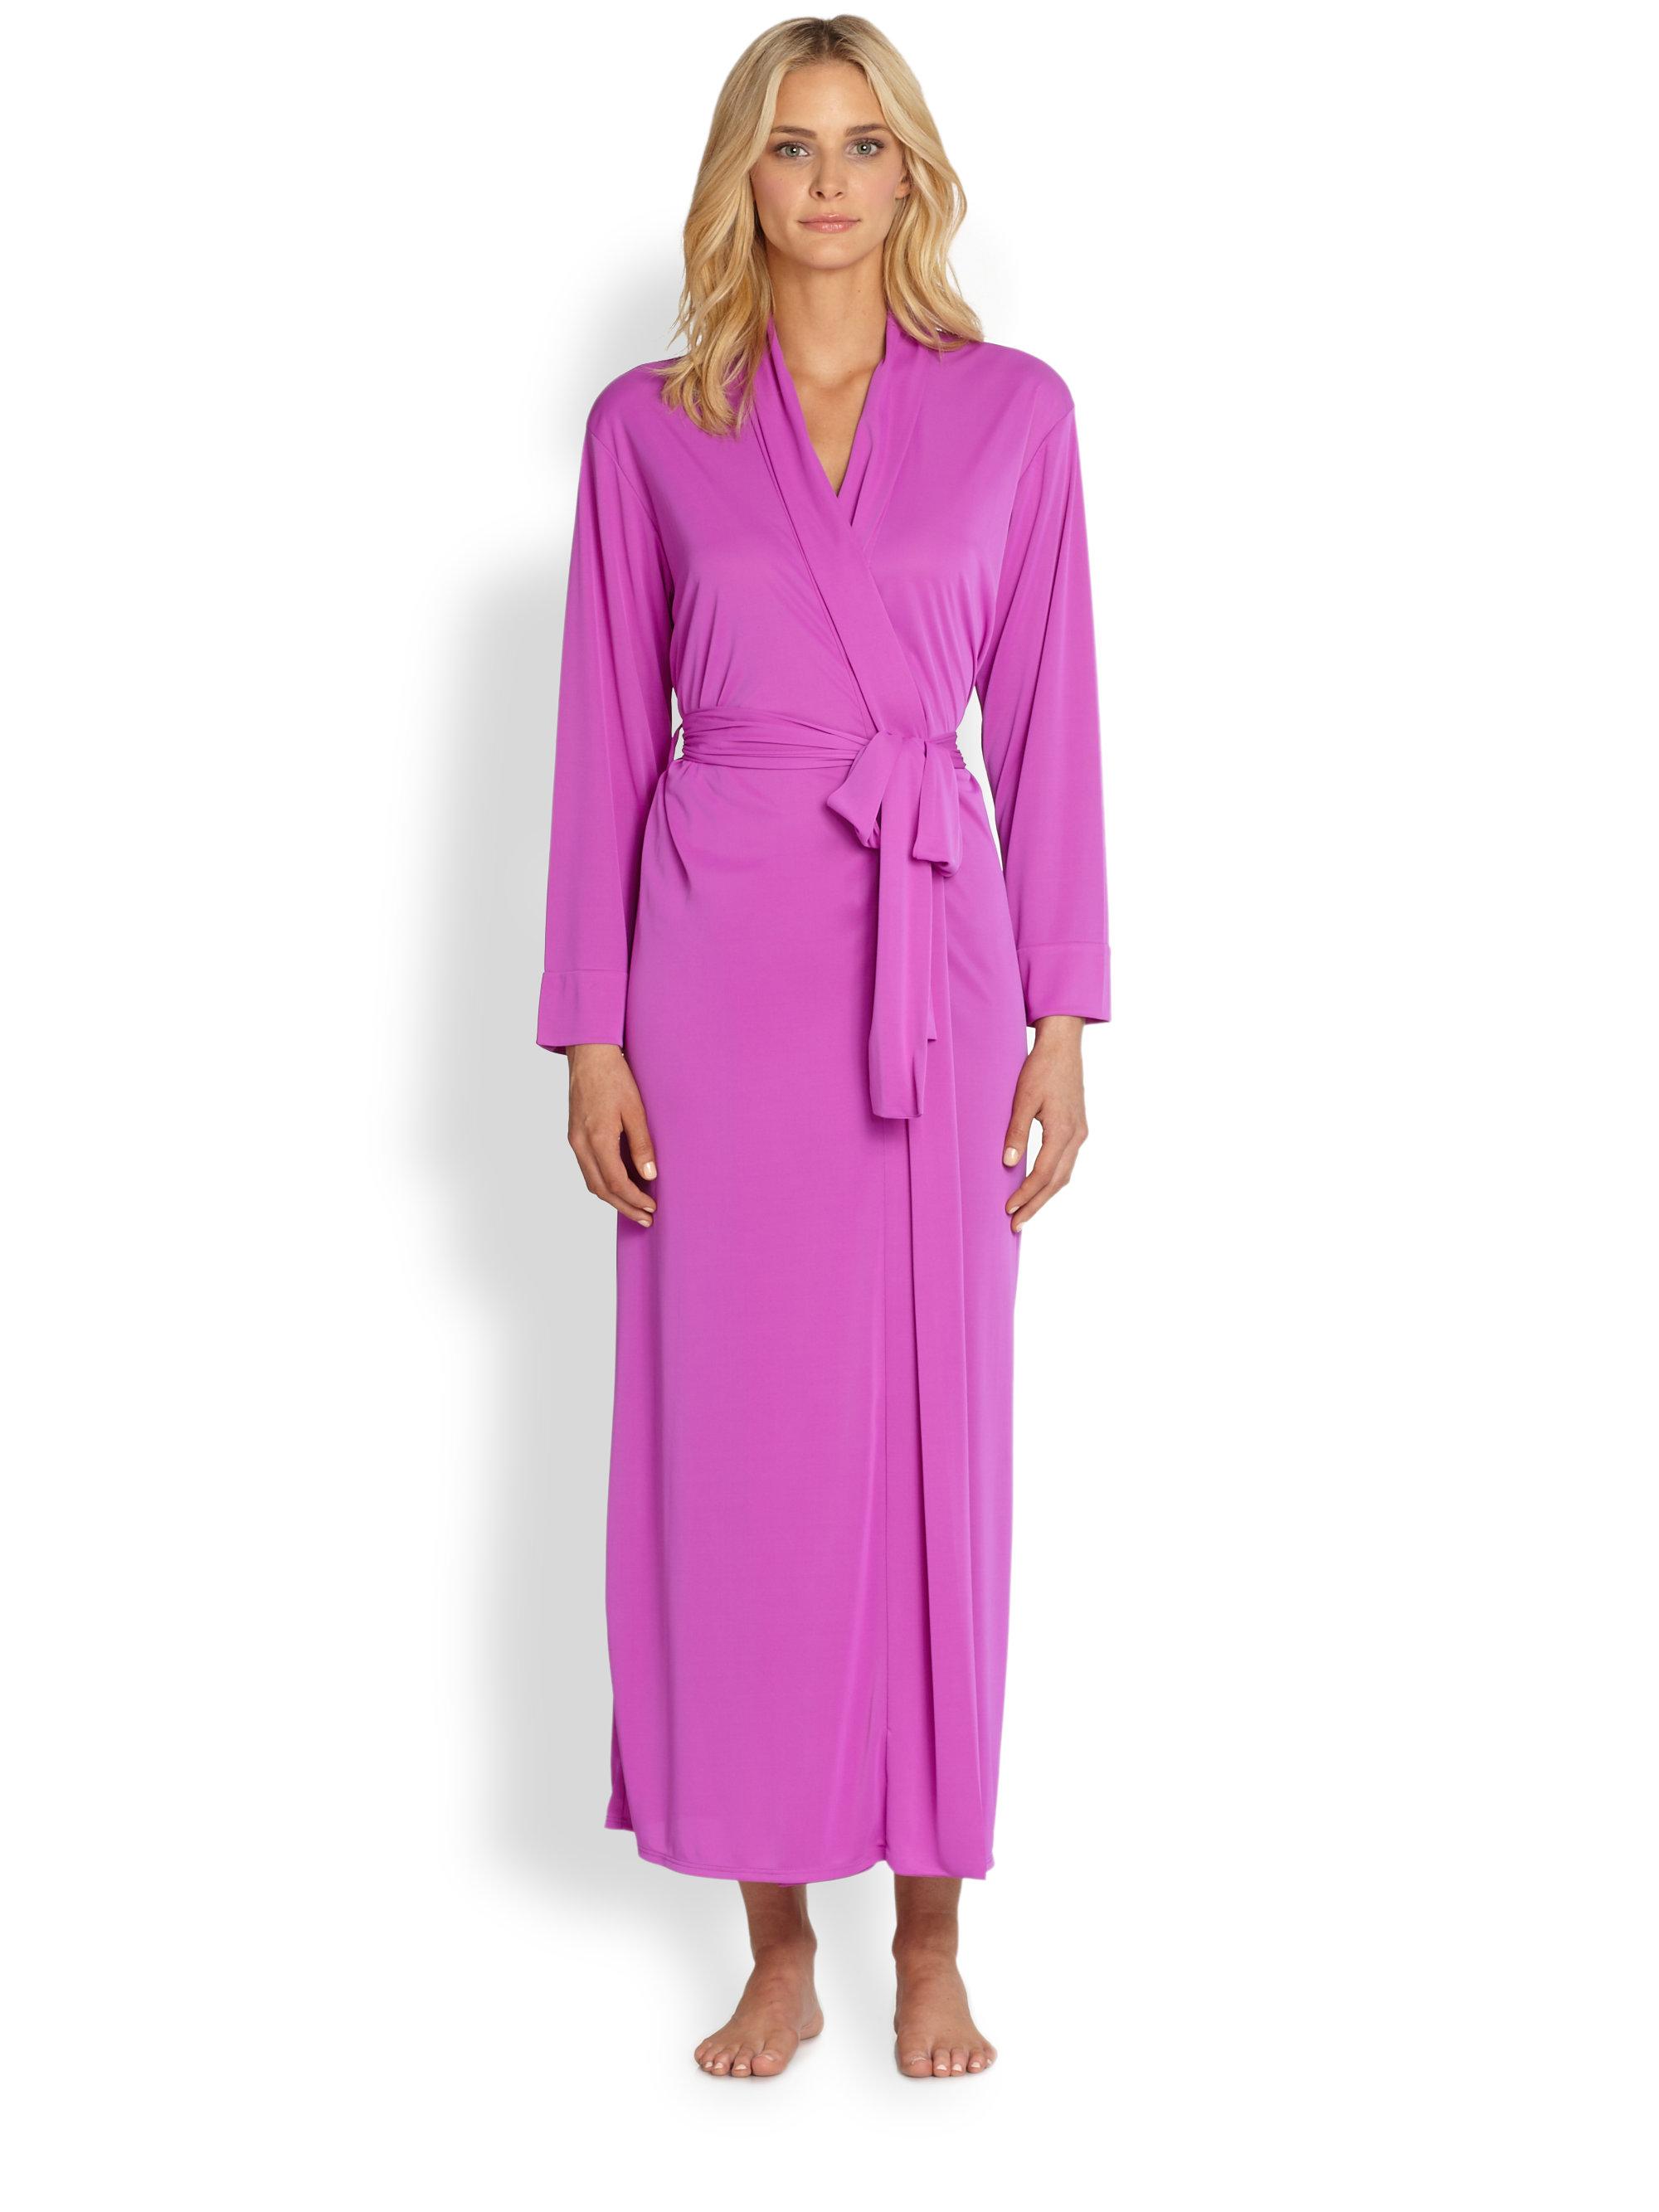 Lyst - Natori Aphrodite Robe in Purple